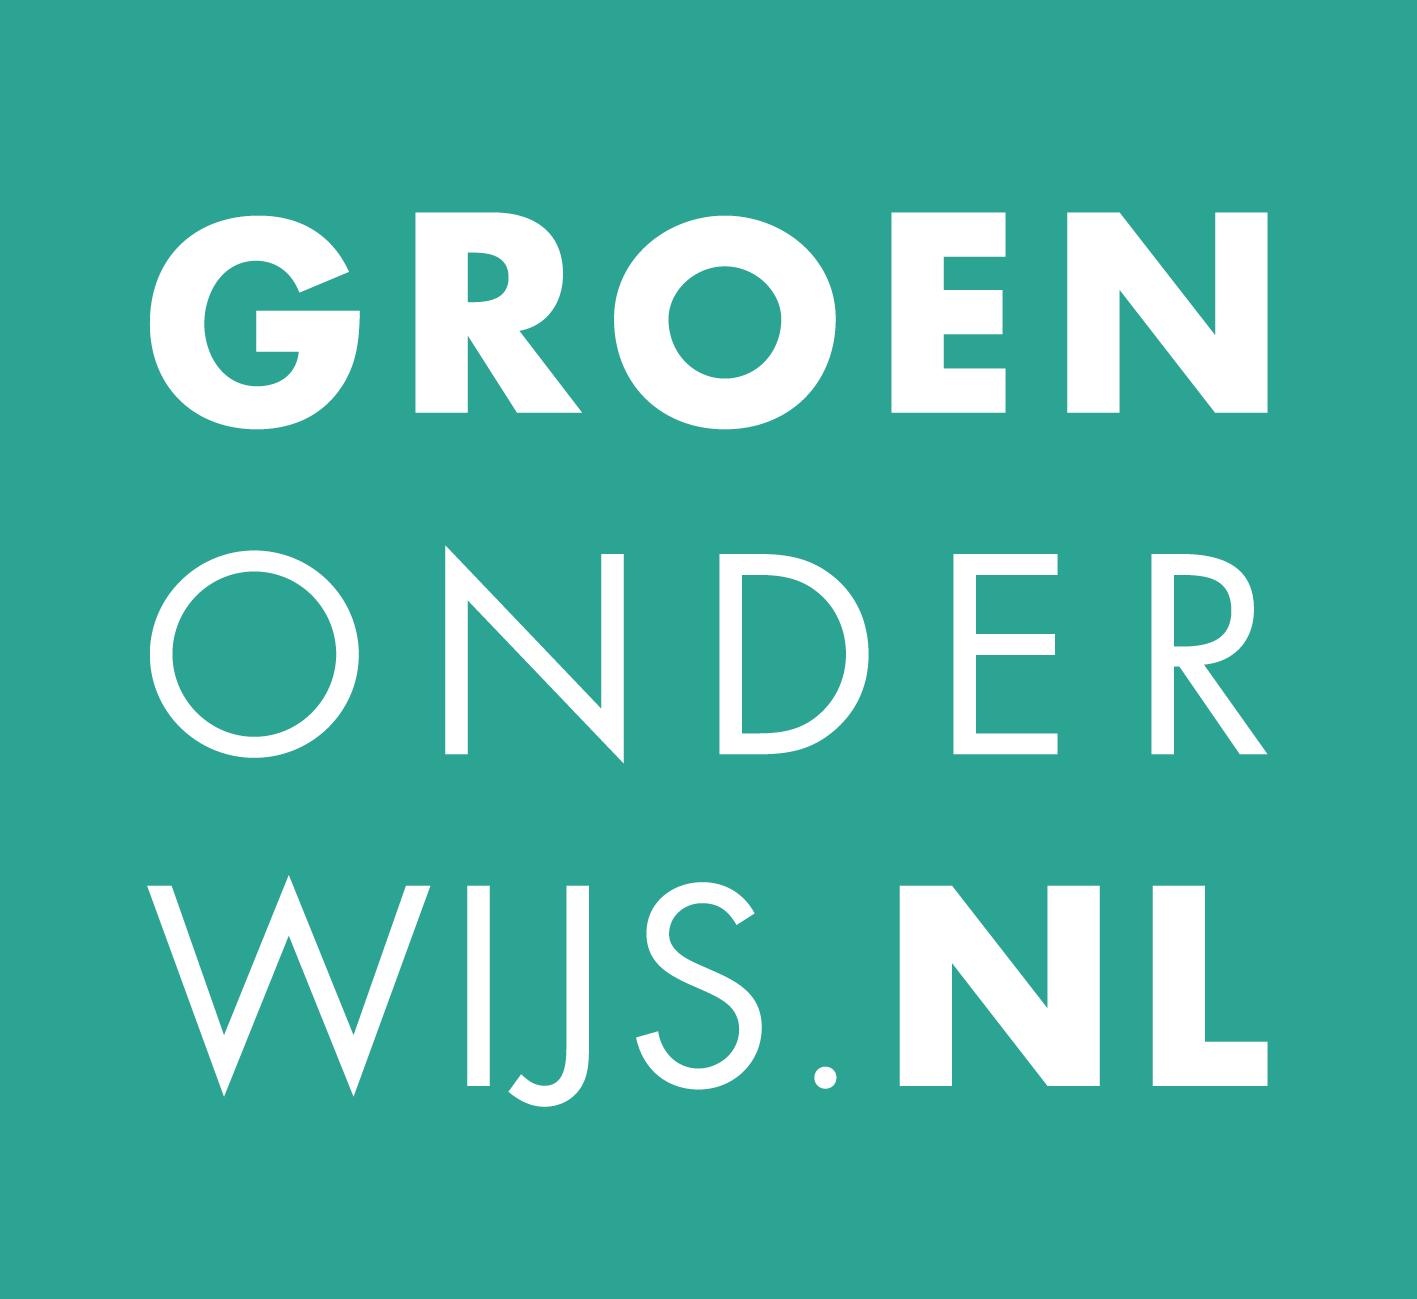 Groenonderwijs.nl stopt